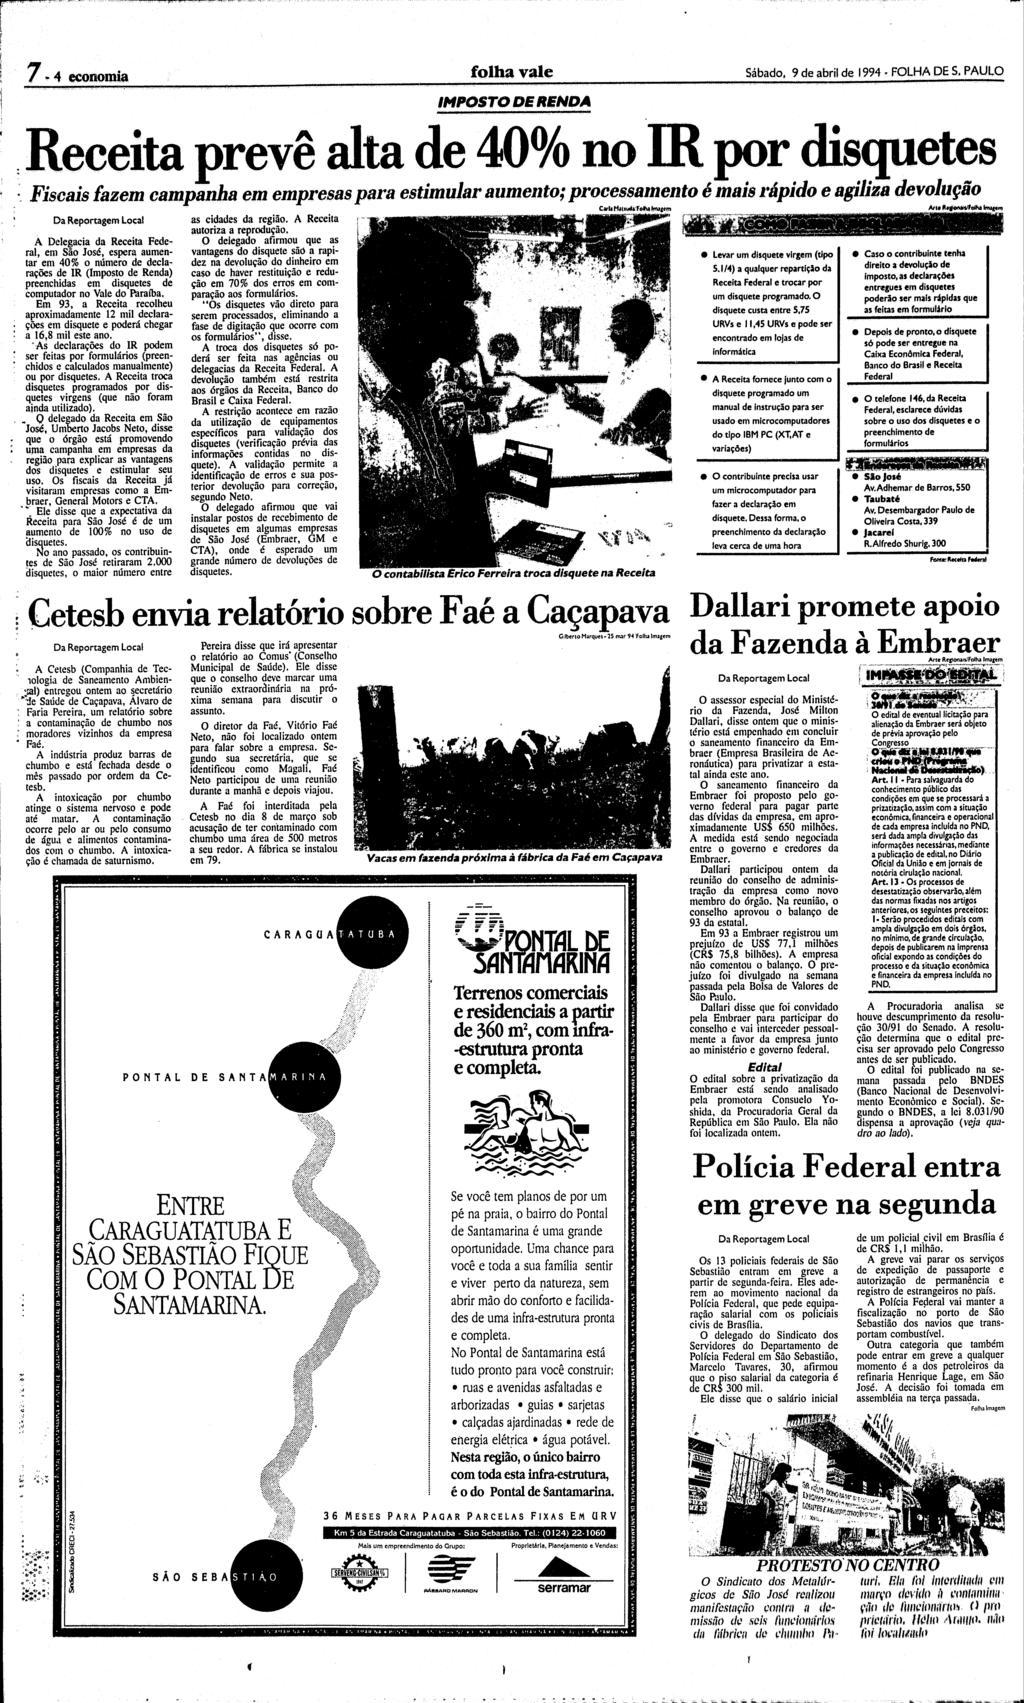 Folha de S.Paulo - Edição de 09/04/1994